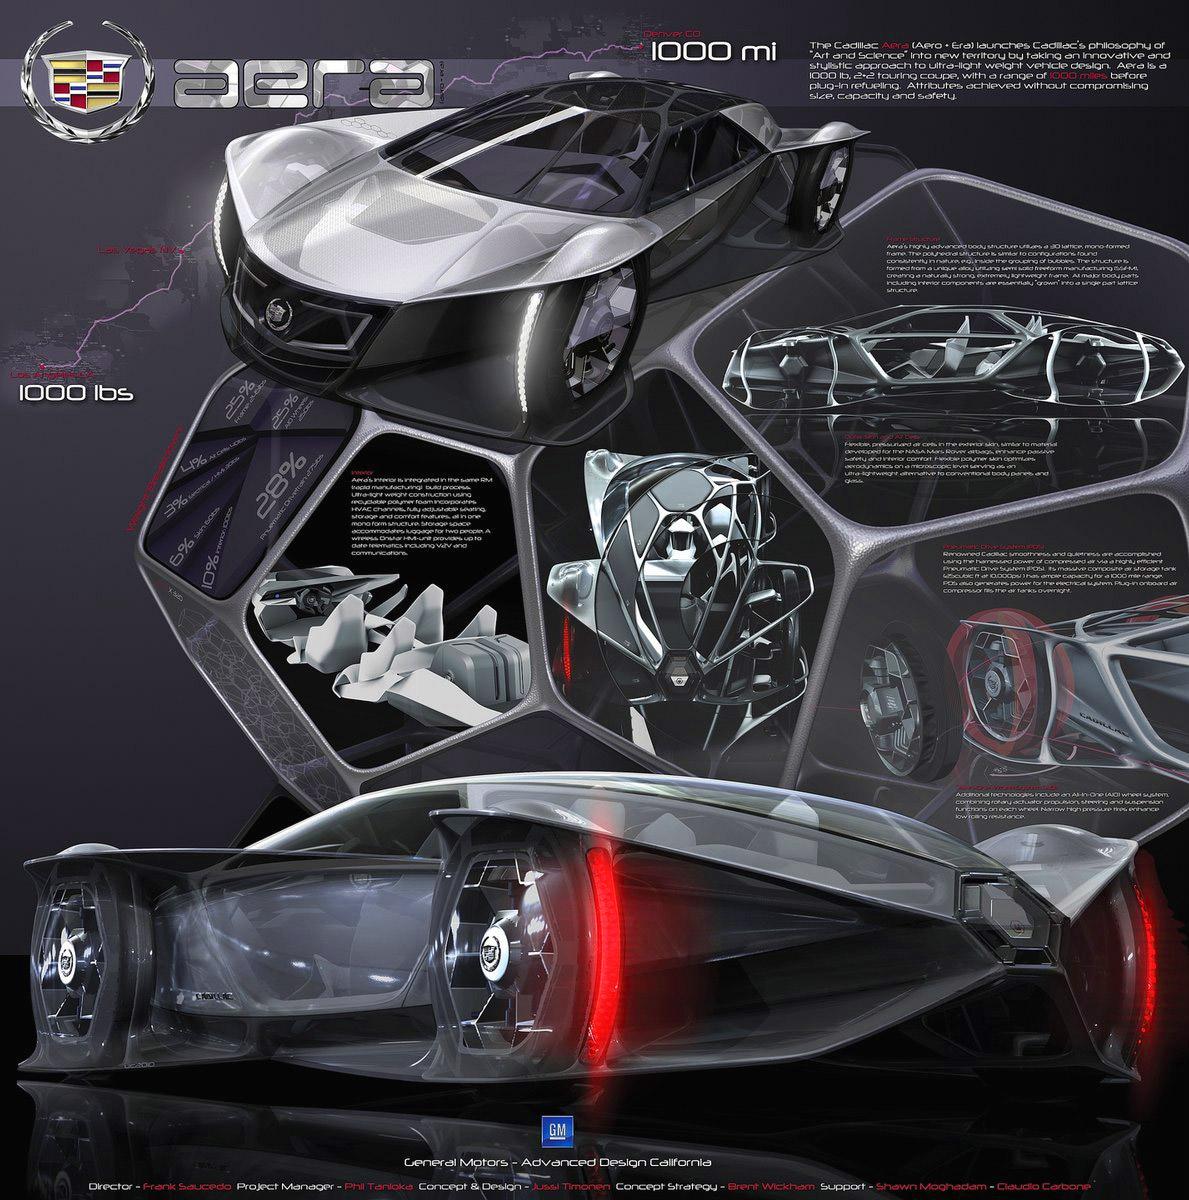 cadillac-aera-air-powered-car4